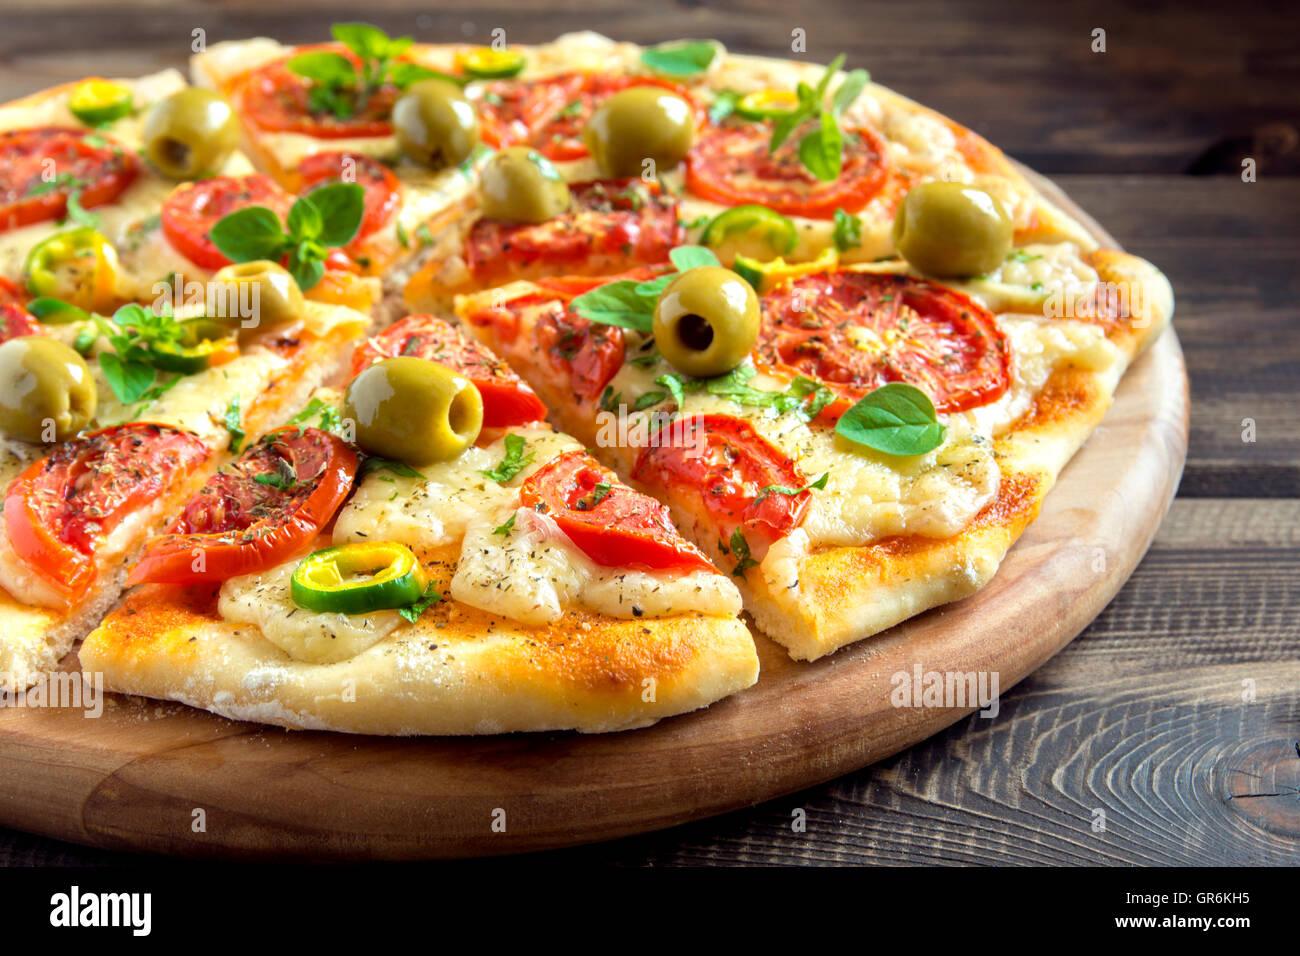 Vegetali fatti in casa la pizza con pomodori, olive verdi, peperoncino, basilico, origano e formaggio su un tavolo Immagini Stock